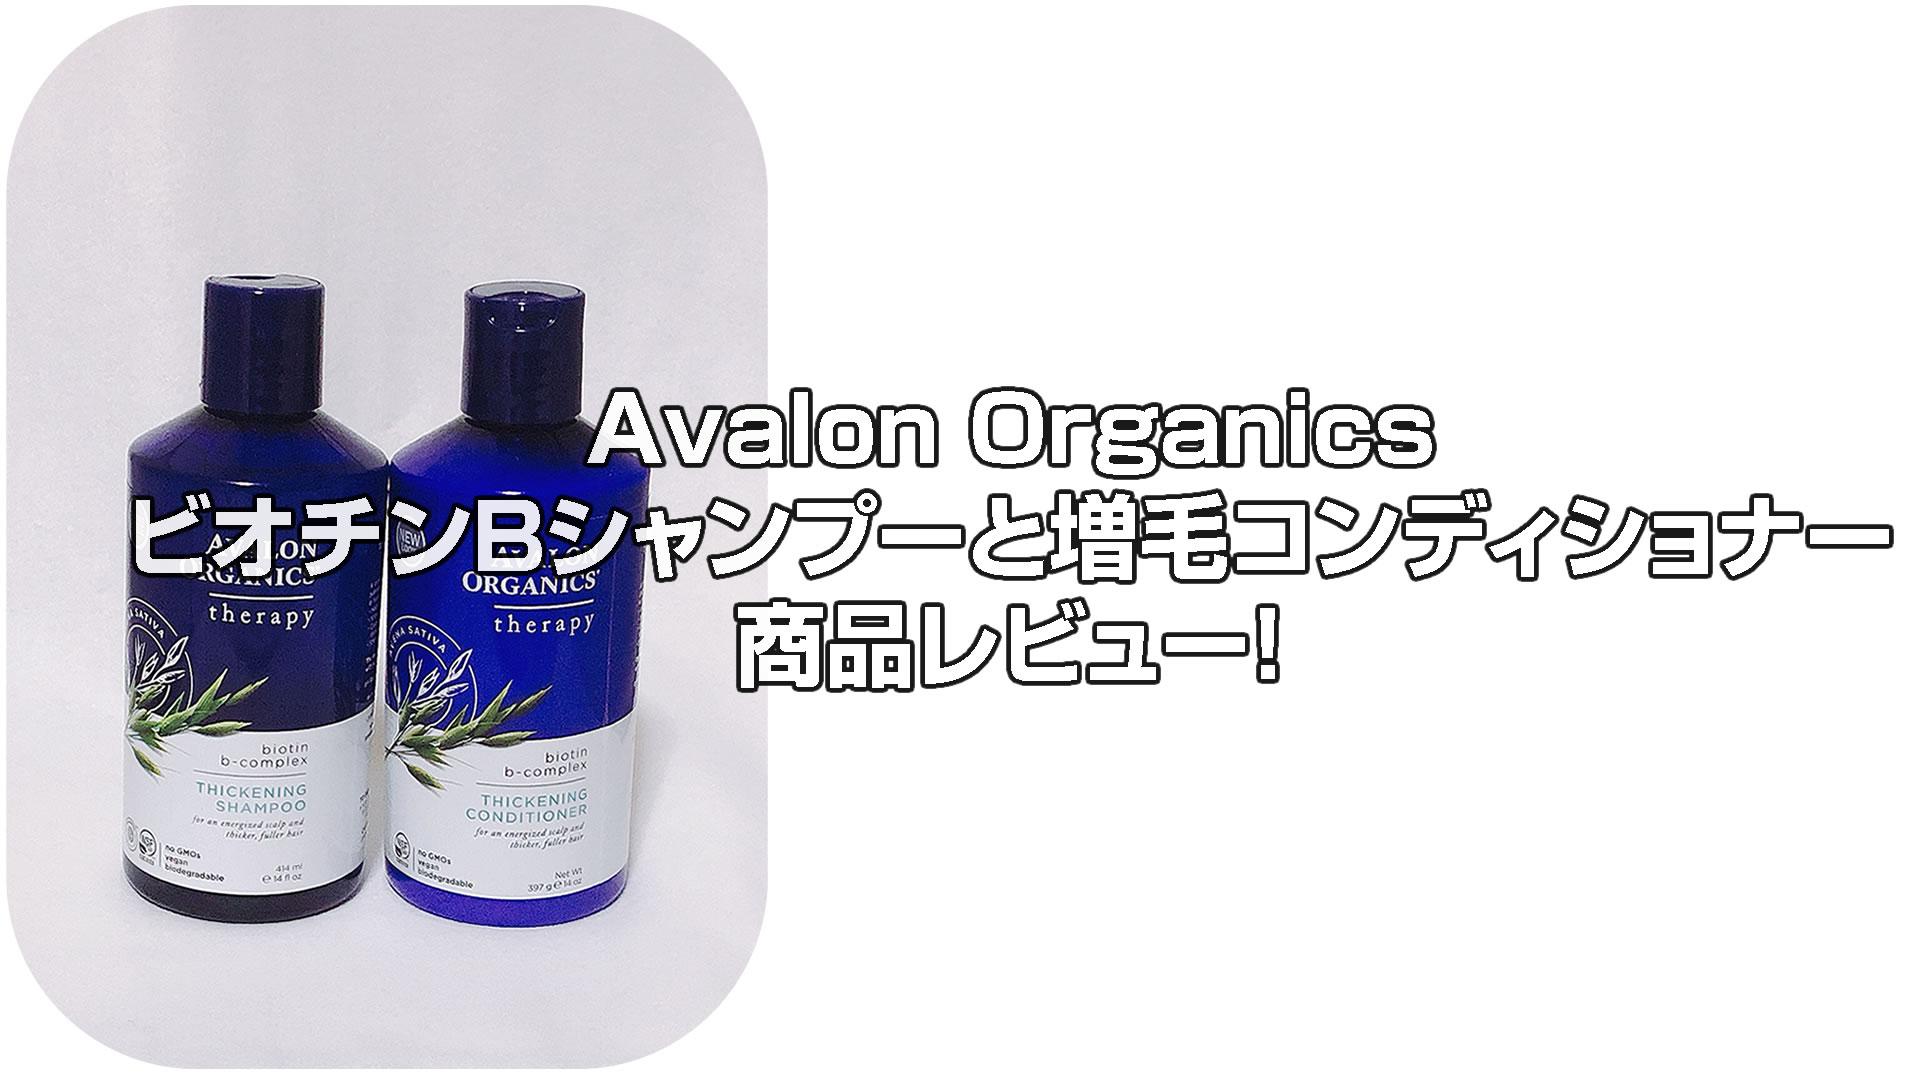 Avalon OrganicsビオチンBシャンプーと増毛コンディショナーでコシのない髪を強く![iHerb]